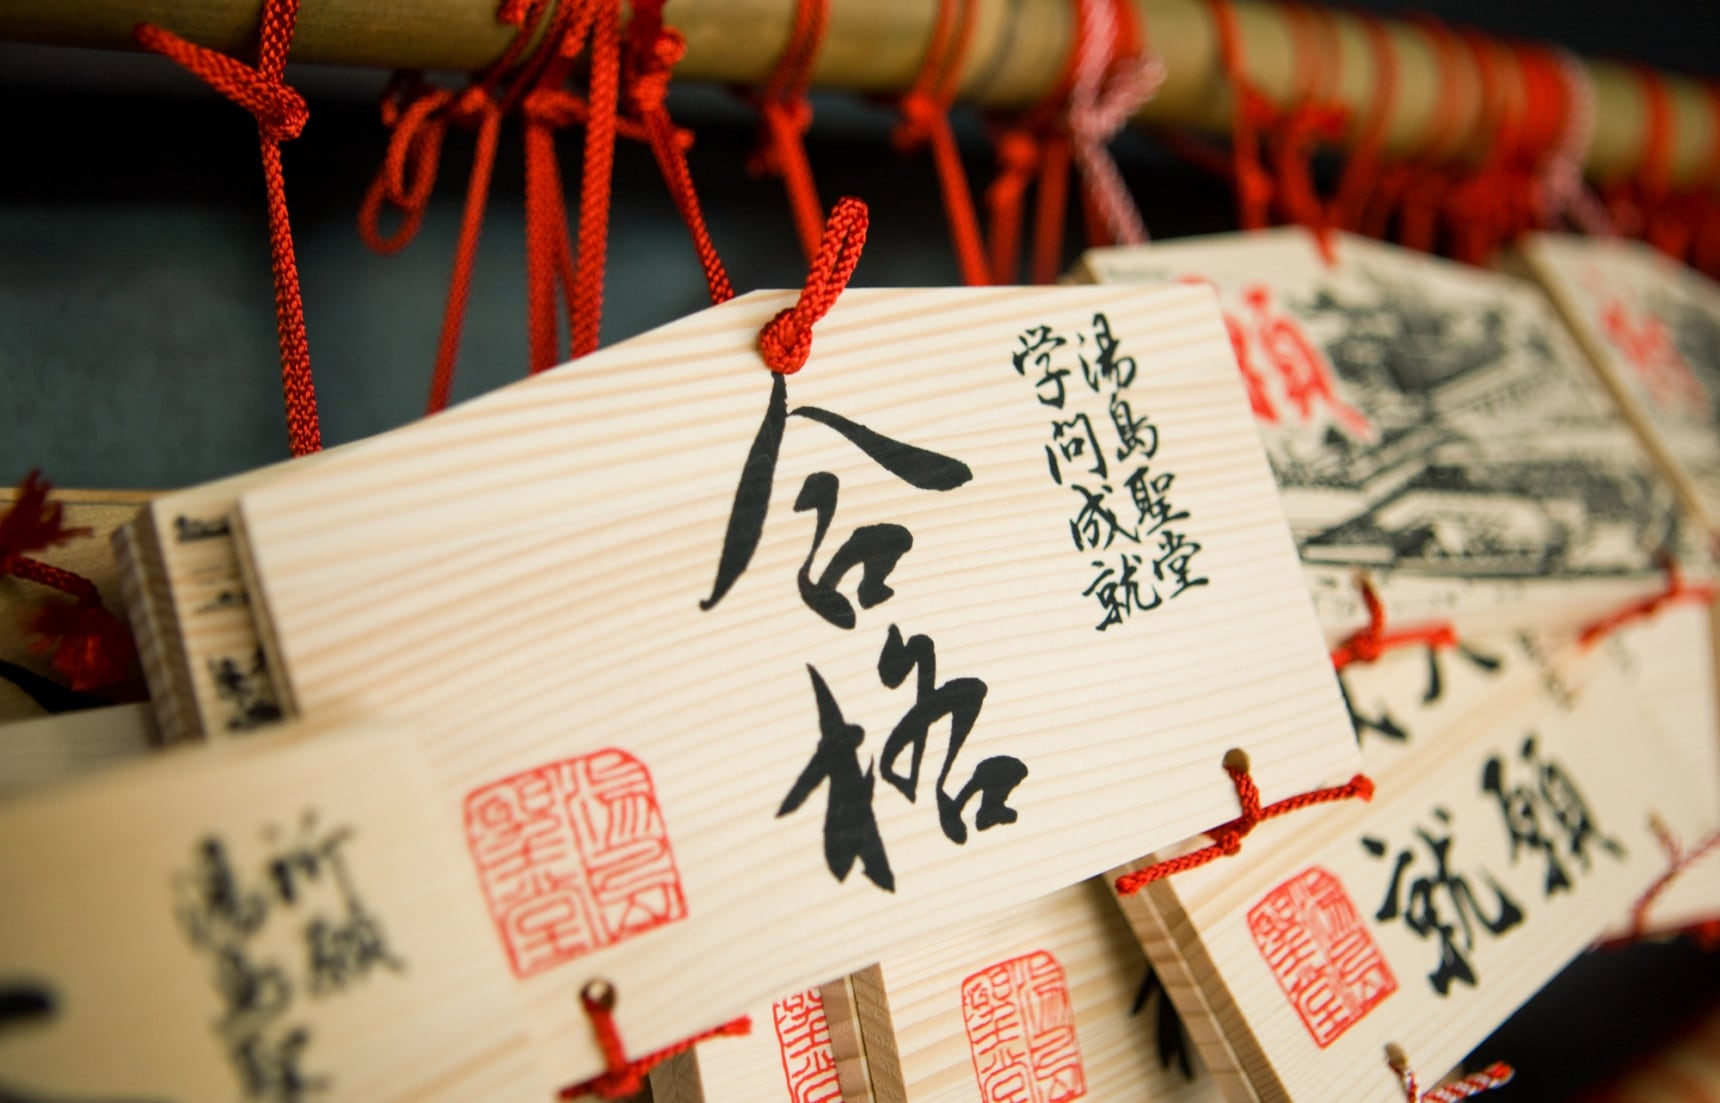 考生必看!10間日本最靈驗的合格祈願神社